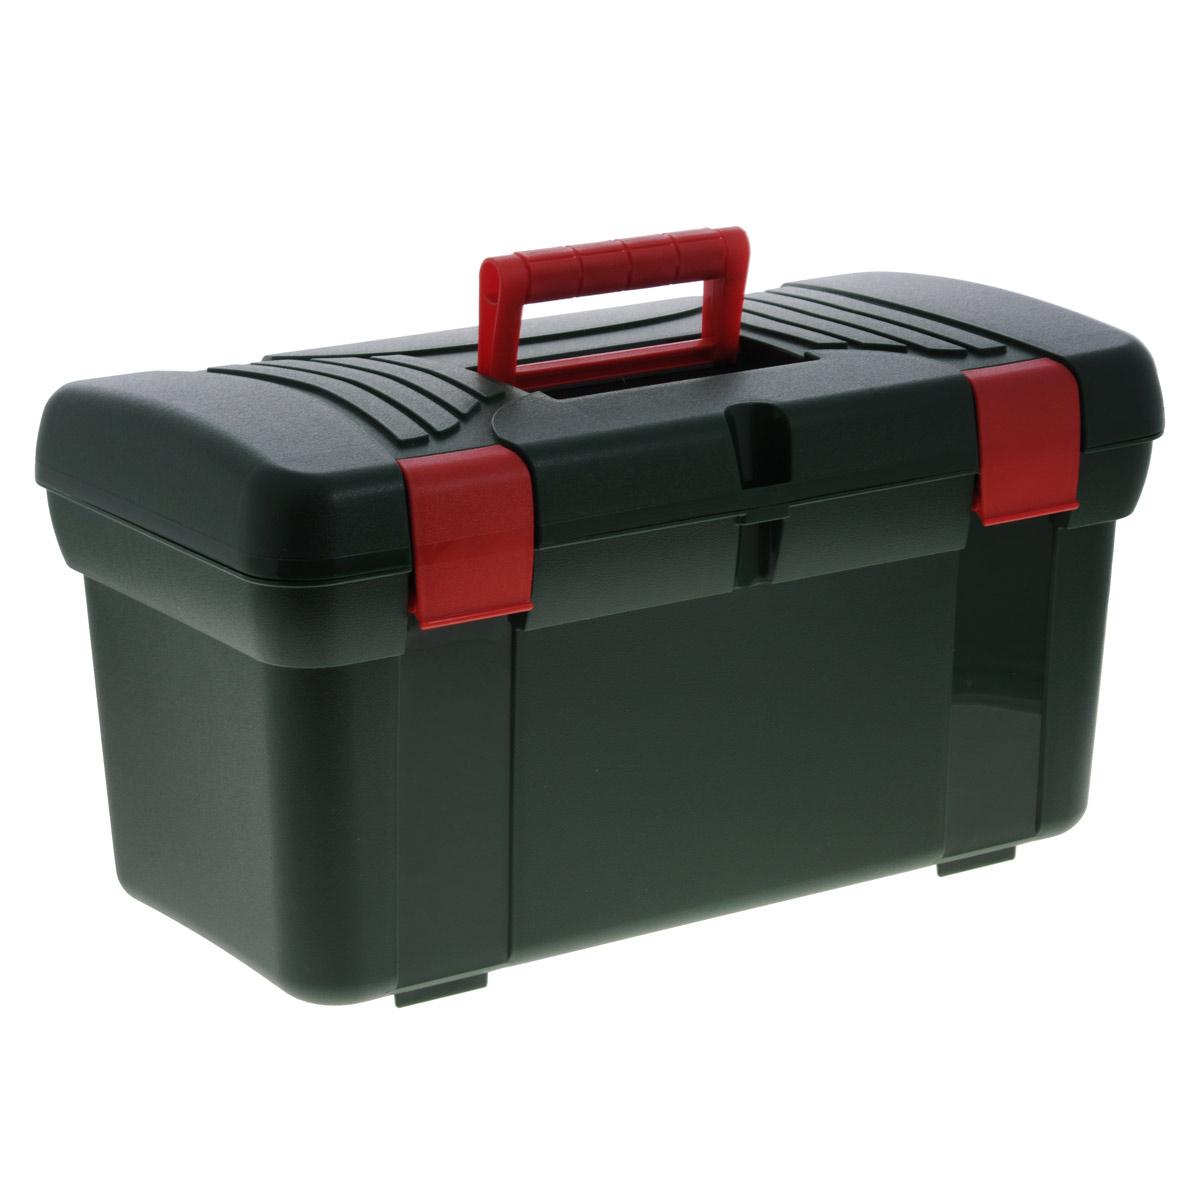 Ящик Универсал, 50 х 26 х 27 смС12281Ящик Универсал выполнен из прочного пластика и предназначен для хранения инструментов и других бытовых мелочей. Изделие оснащено ручкой для удобной переноски. В комплект входит съемный лоток с ручкой. Крышка плотно закрывается на две защелки. Ящик Универсал будет незаменим в хозяйстве. Размер ящика: 50 см х 26 см х 27 см. Размер лотка: 48,5 см х 23 см х 7 см.